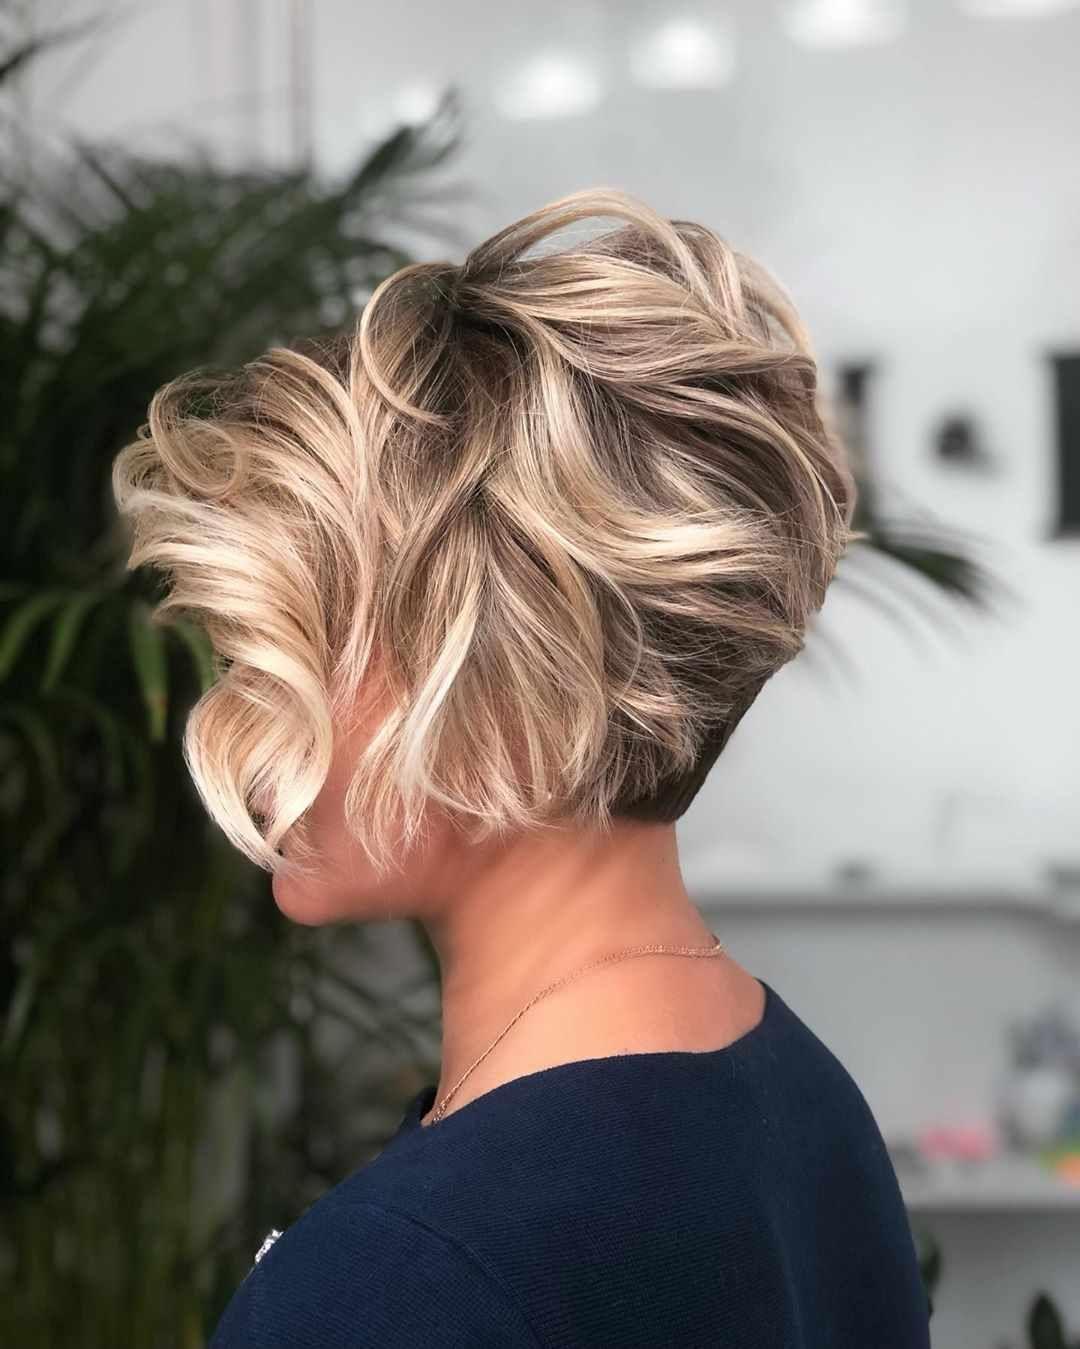 40 + Latest corto Peinados para el invierno 2020 - #hairstyles #latest #short #winter